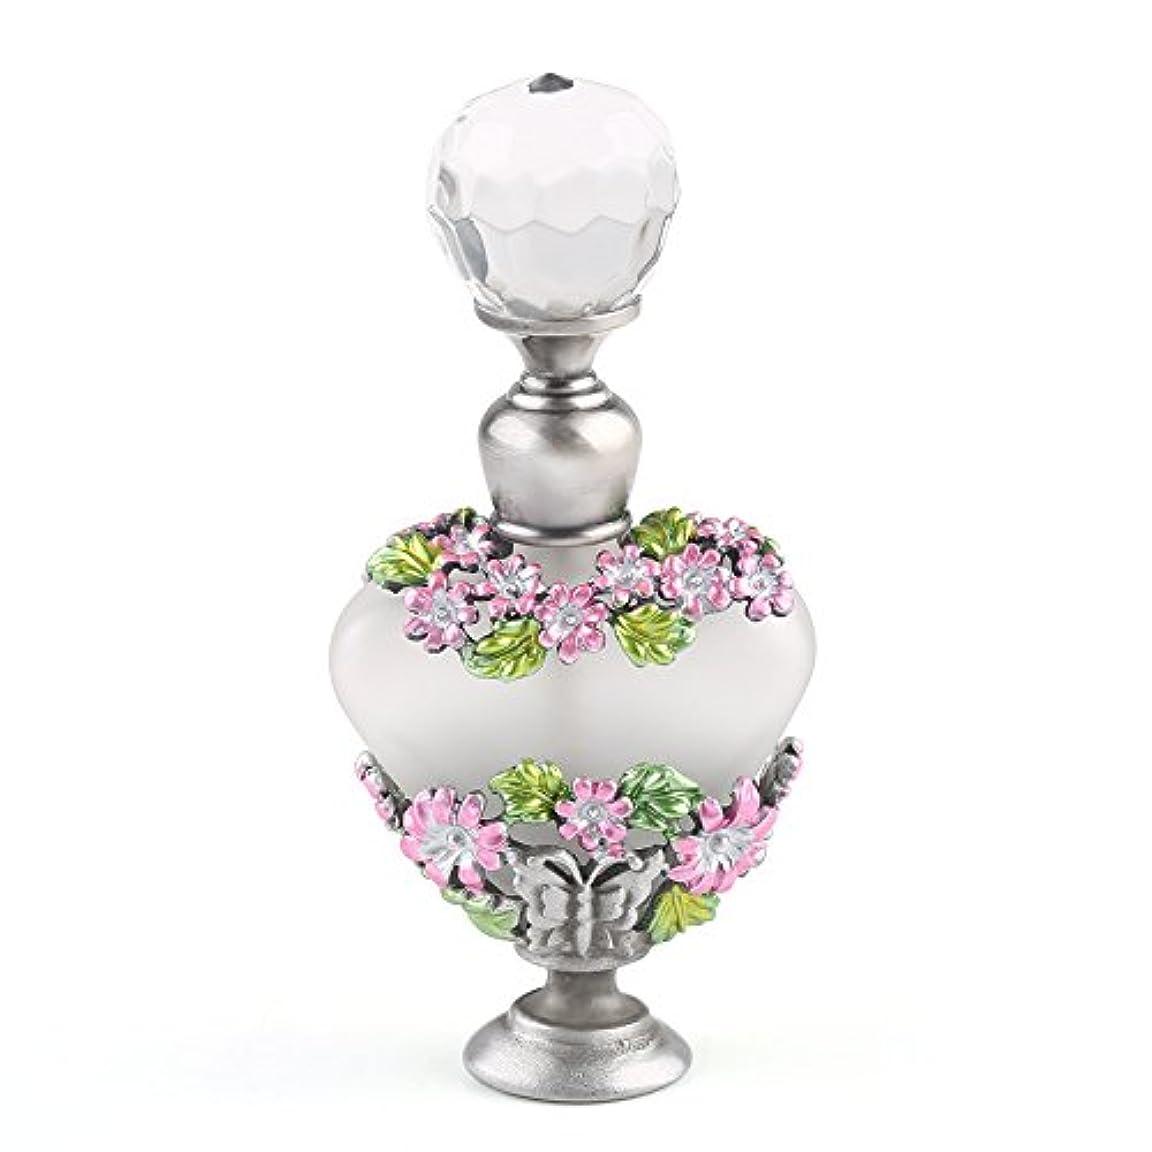 閲覧する振る団結VERY100 高品質 美しい香水瓶/アロマボトル 5ML アロマオイル用瓶 綺麗アンティーク調 フラワーデザイン プレゼント 結婚式 飾り 58778